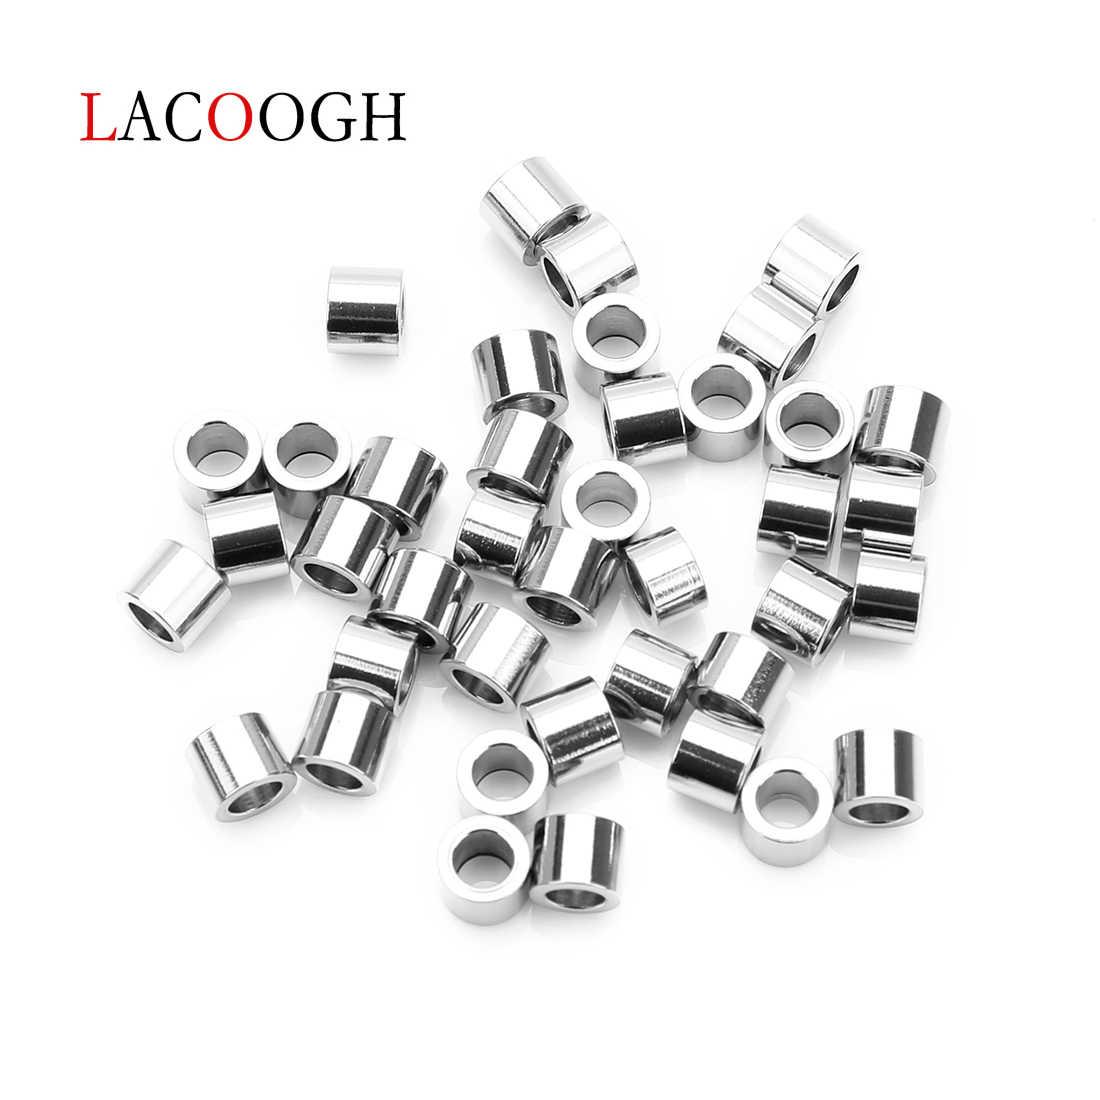 20 Pcs/lot Stainless Steel Tabung Pendek Pengatur Jarak Manik-manik dengan 3.2 Mm 5.2 Mm Lubang Besar untuk DIY Eropa Membuat Perhiasan aksesoris Supplier